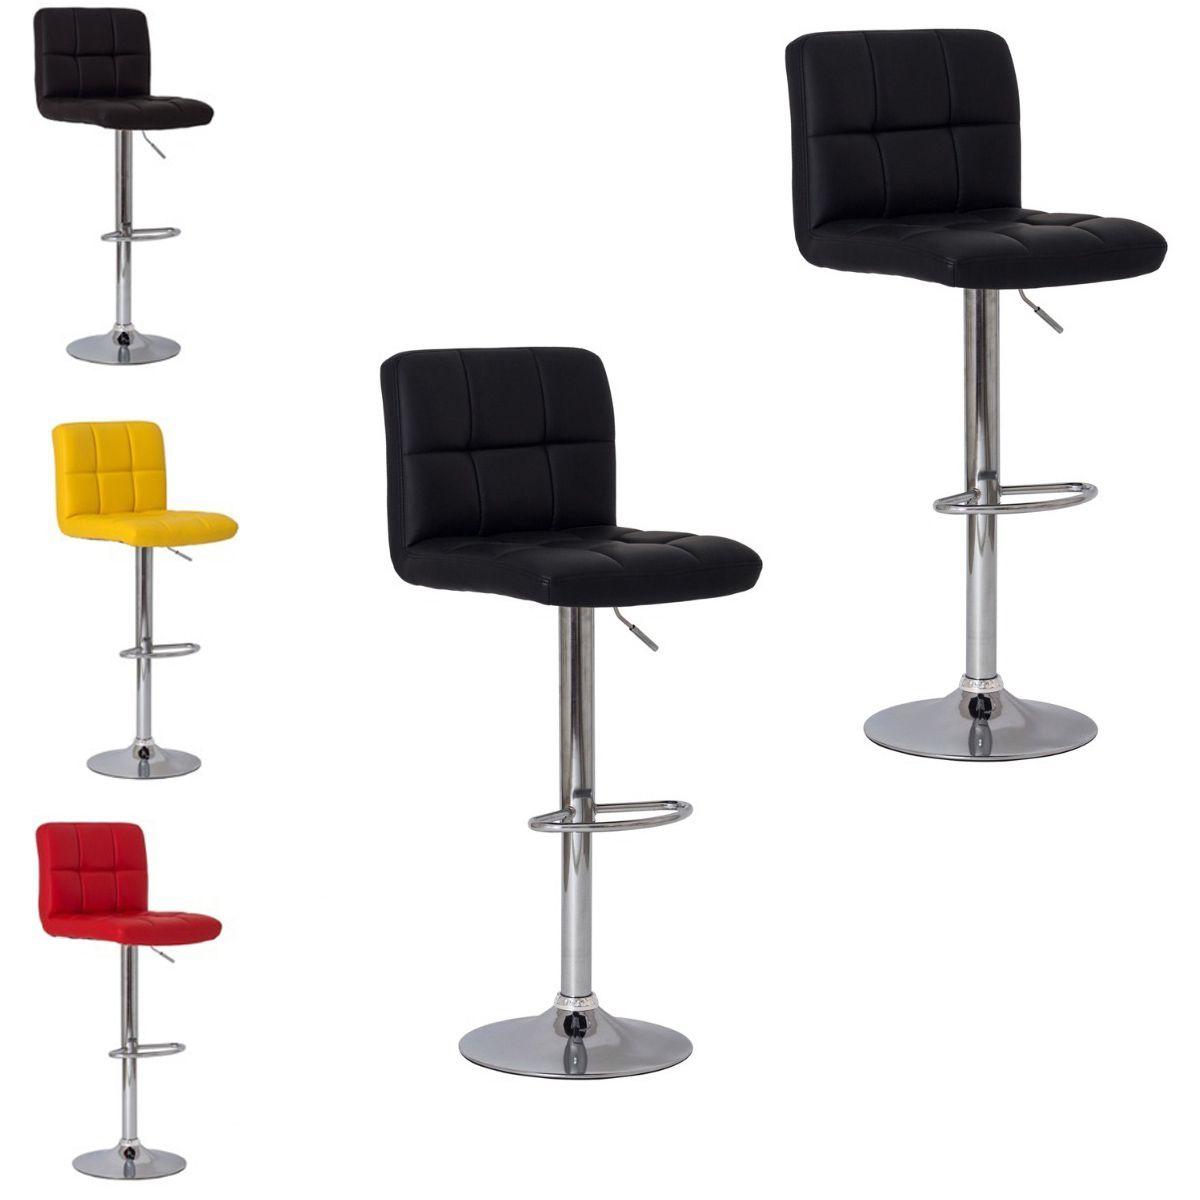 Banqueta Cadeira Confort Kit 2 Aço Couro PU Cozinha Bar Casa Decoracao